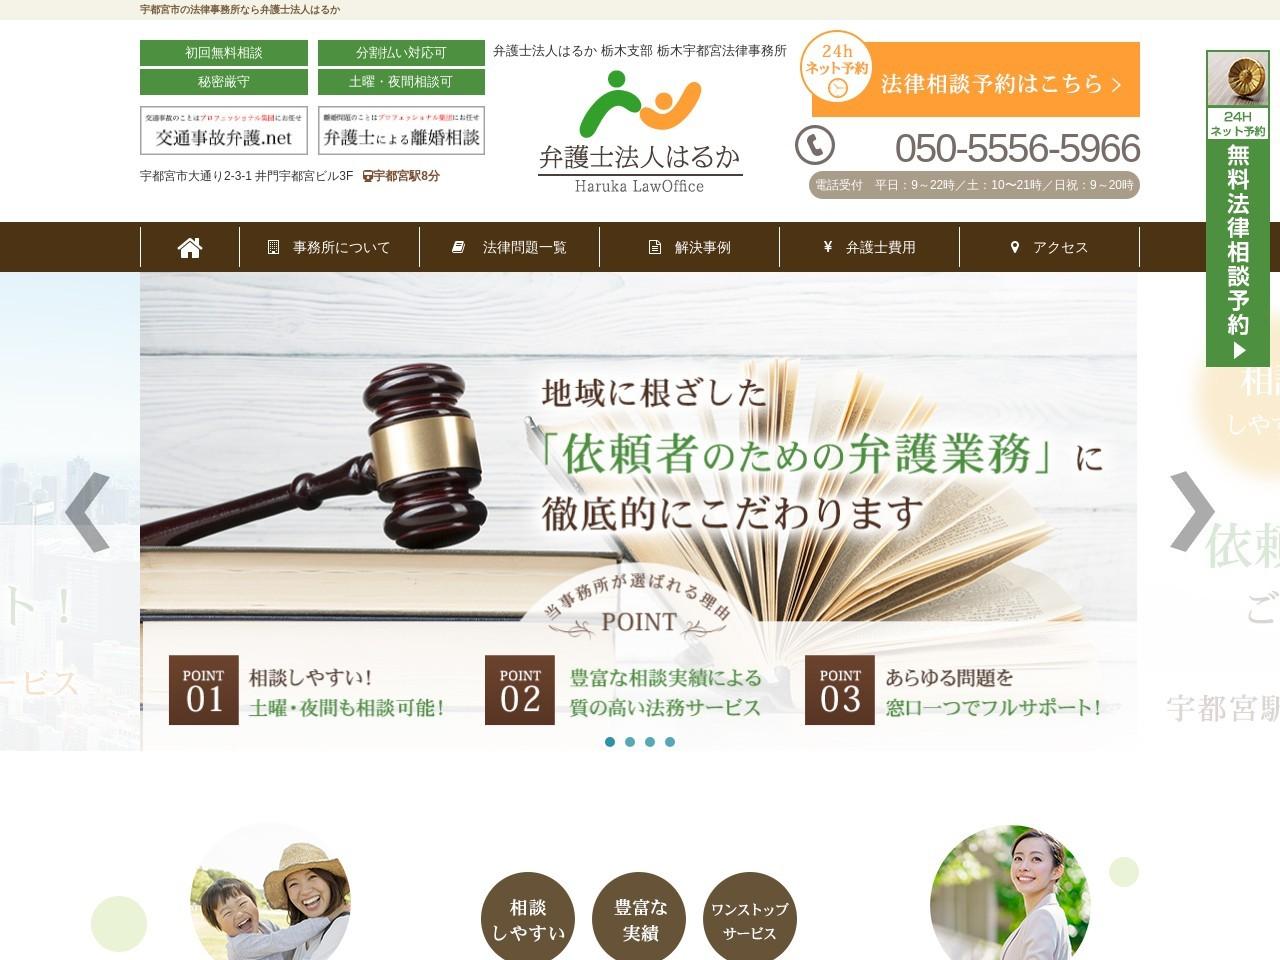 はるか栃木支部栃木宇都宮法律事務所(弁護士法人)